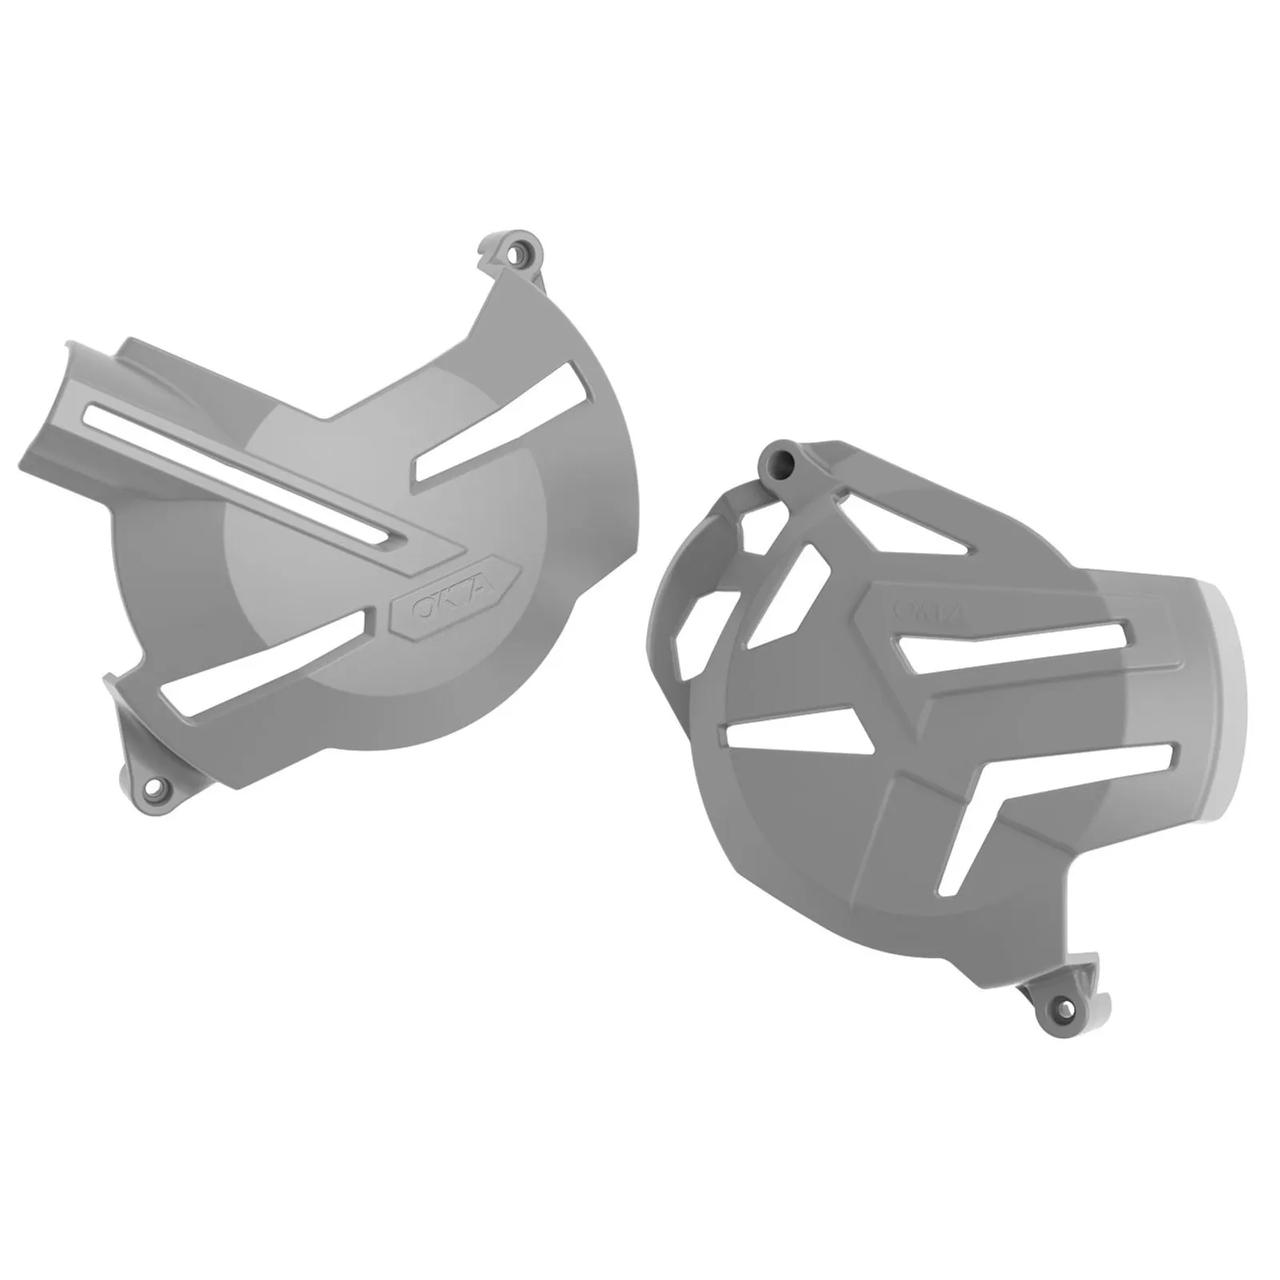 Protetor Lateral Do Motor Okta (Tampas Do Motor) Para CRF 250F